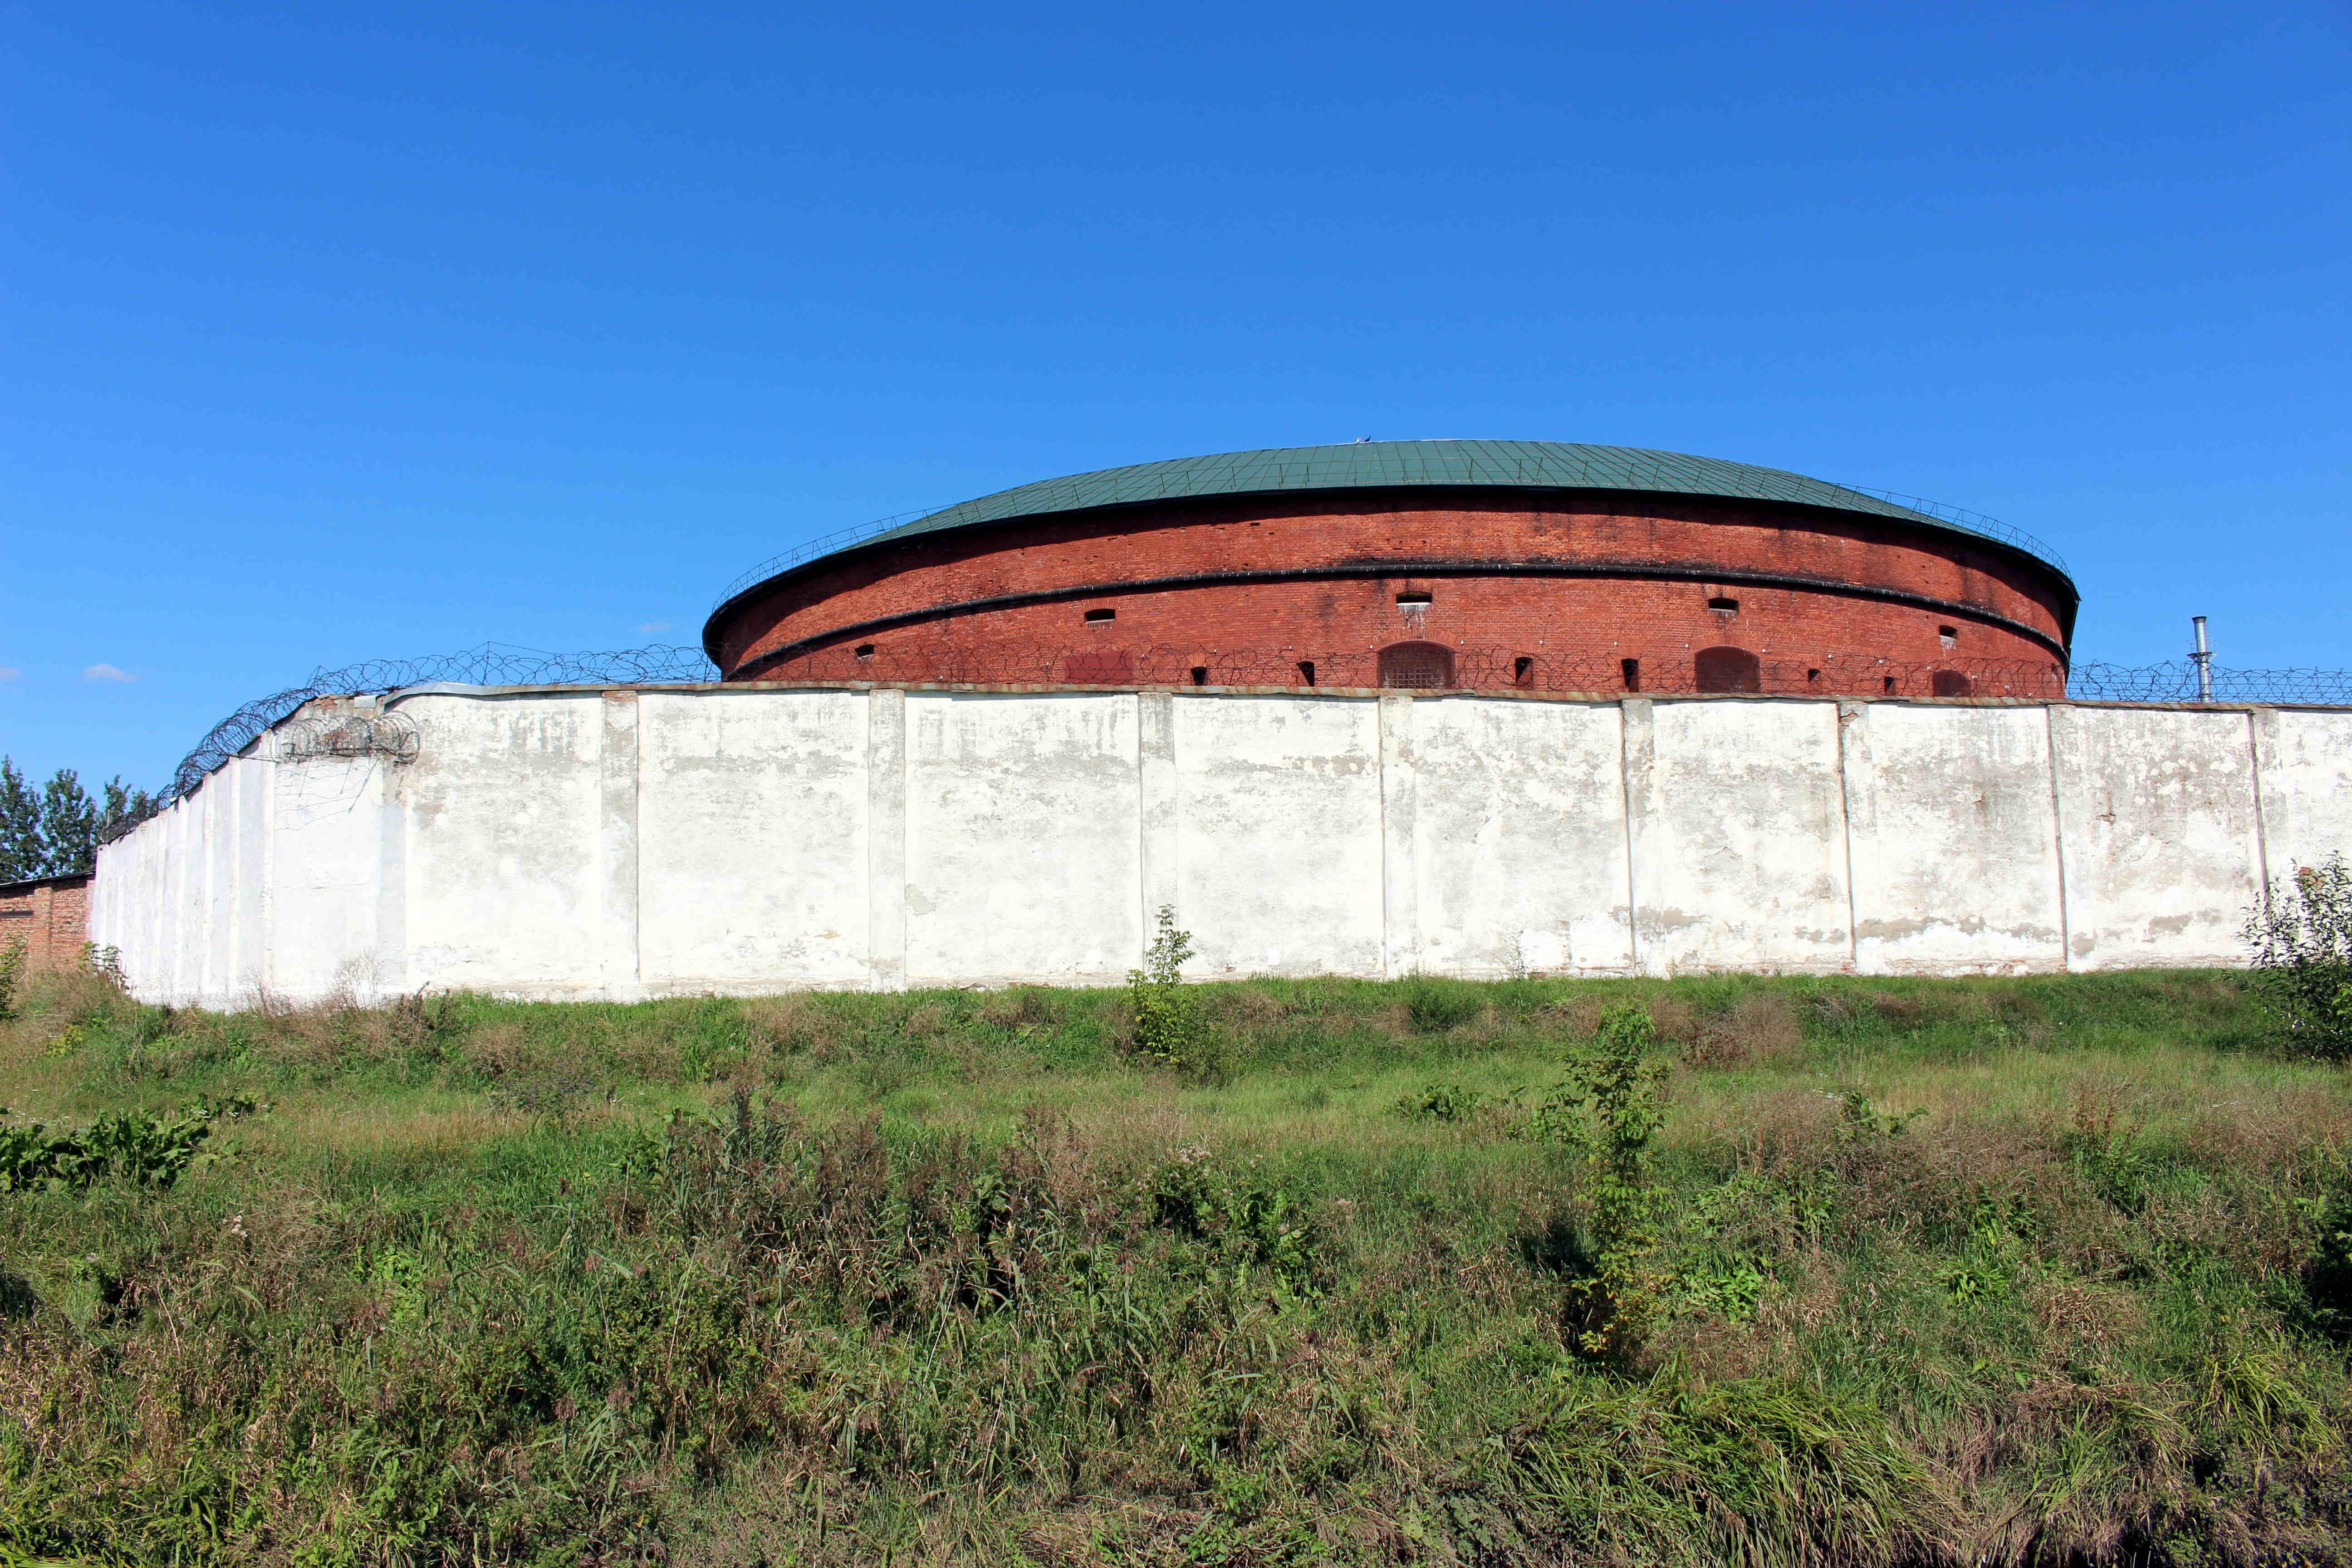 Бабруйскае СІЗА-5: помнік архітэктуры, які згадваў Герцэн і які пара зачыняць